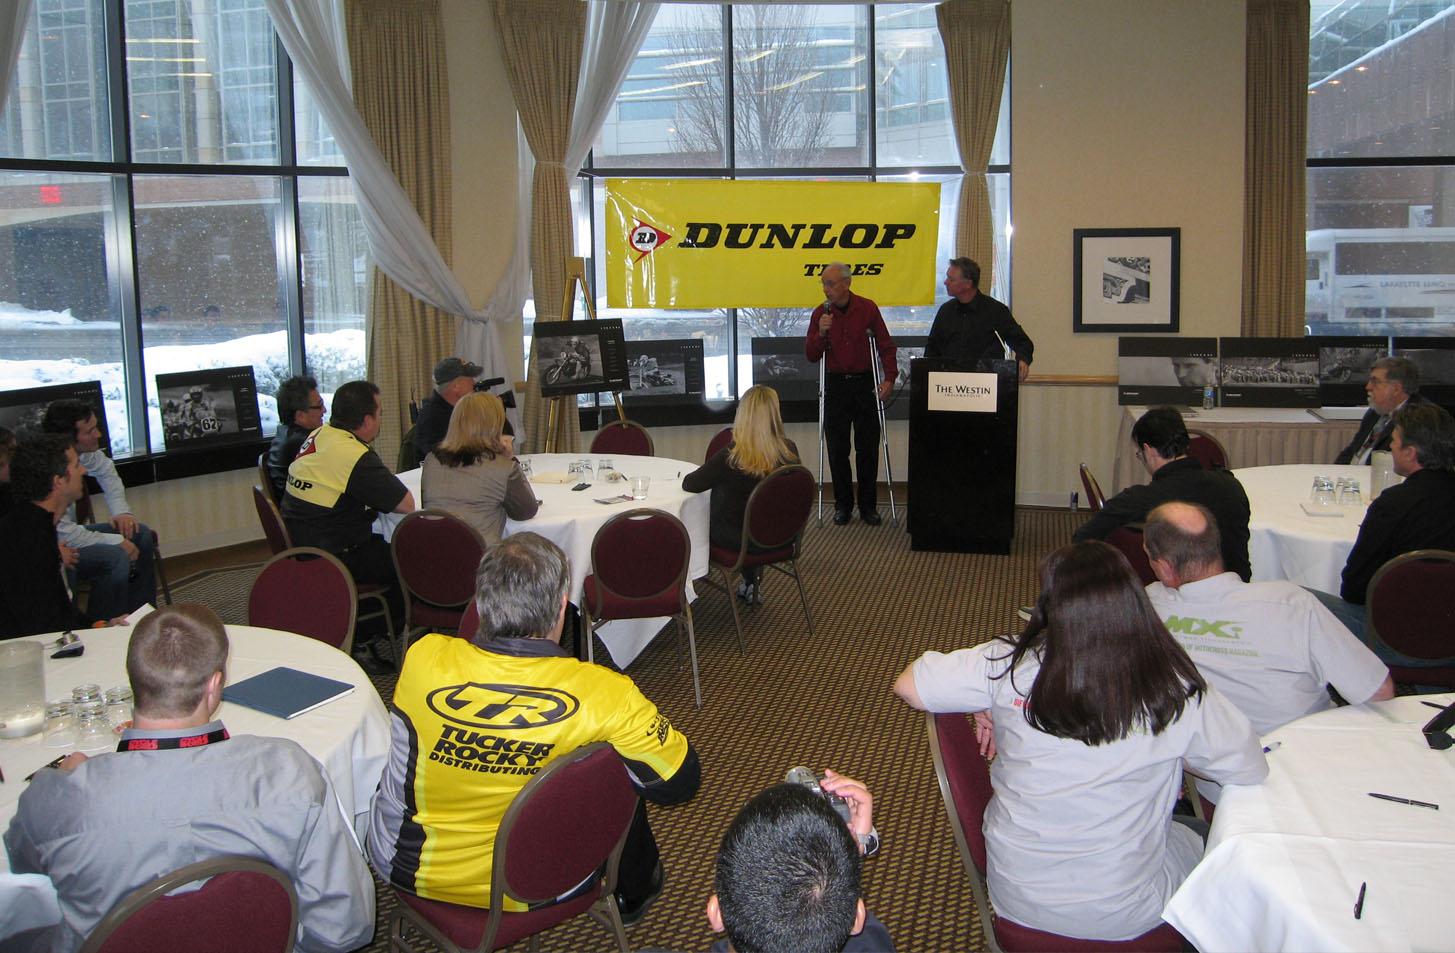 Dunlop_Launch_8.jpg